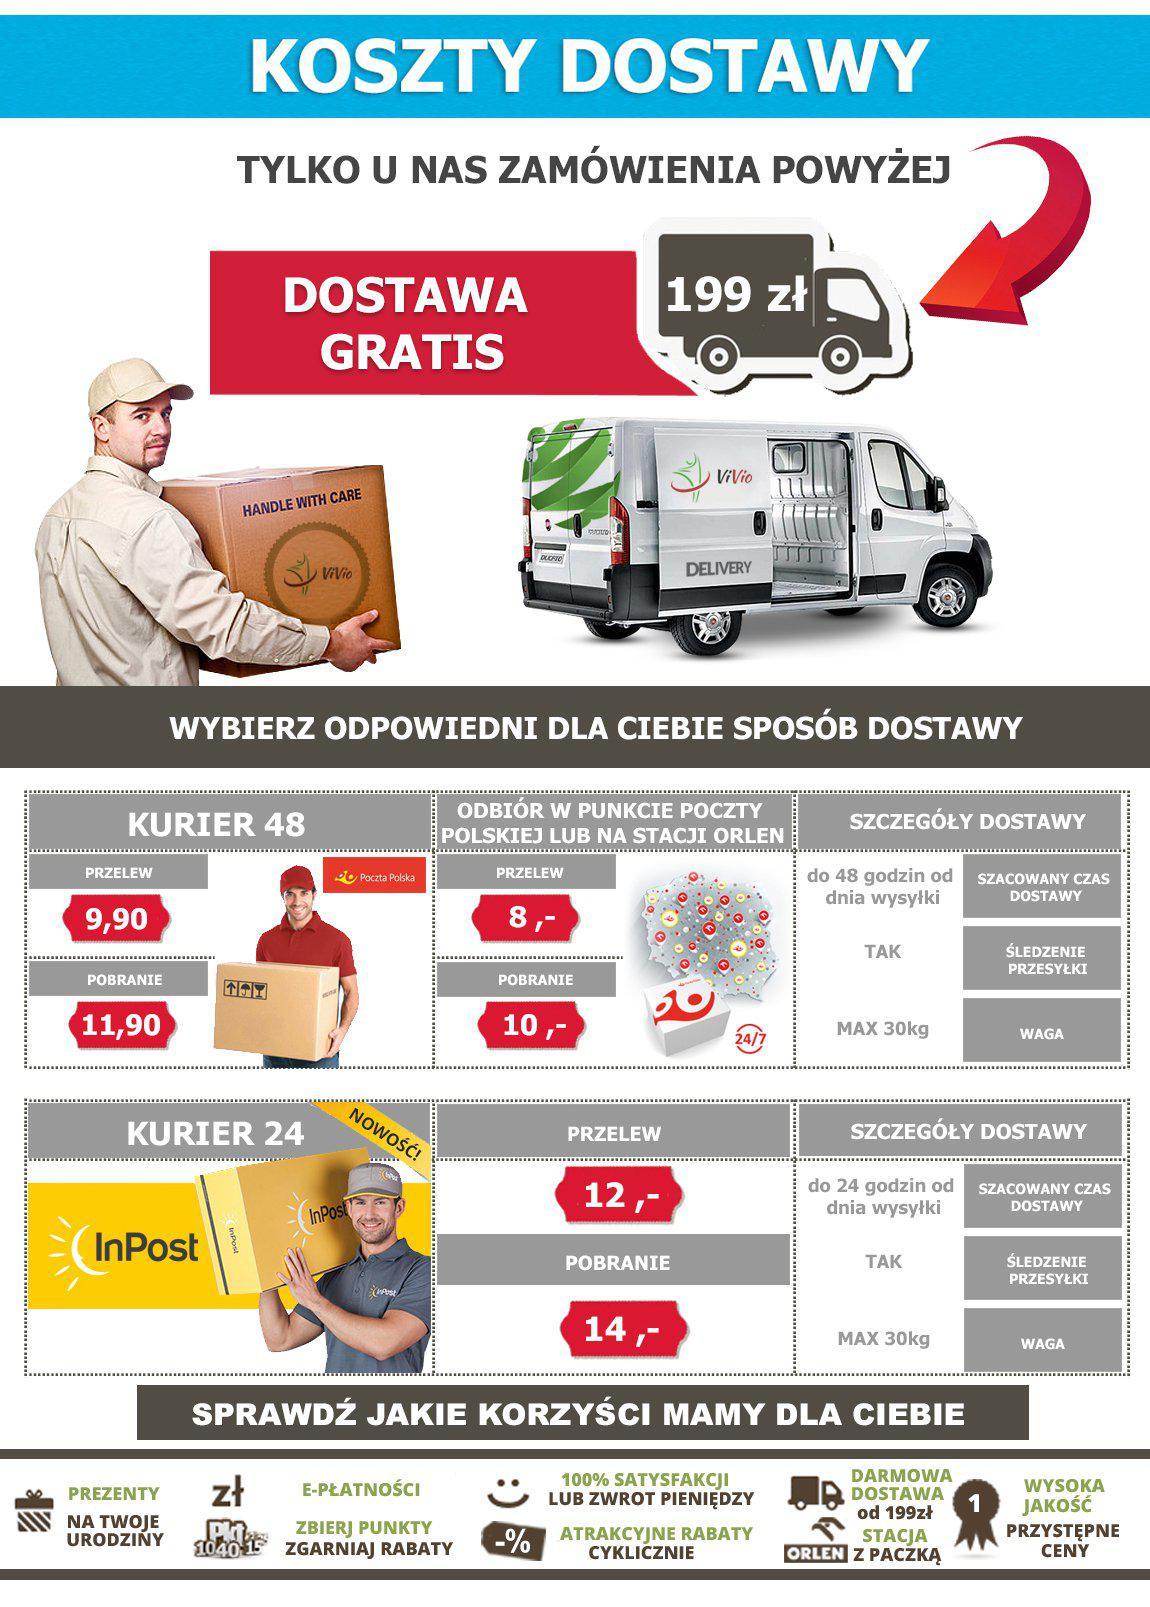 koszty dostawy